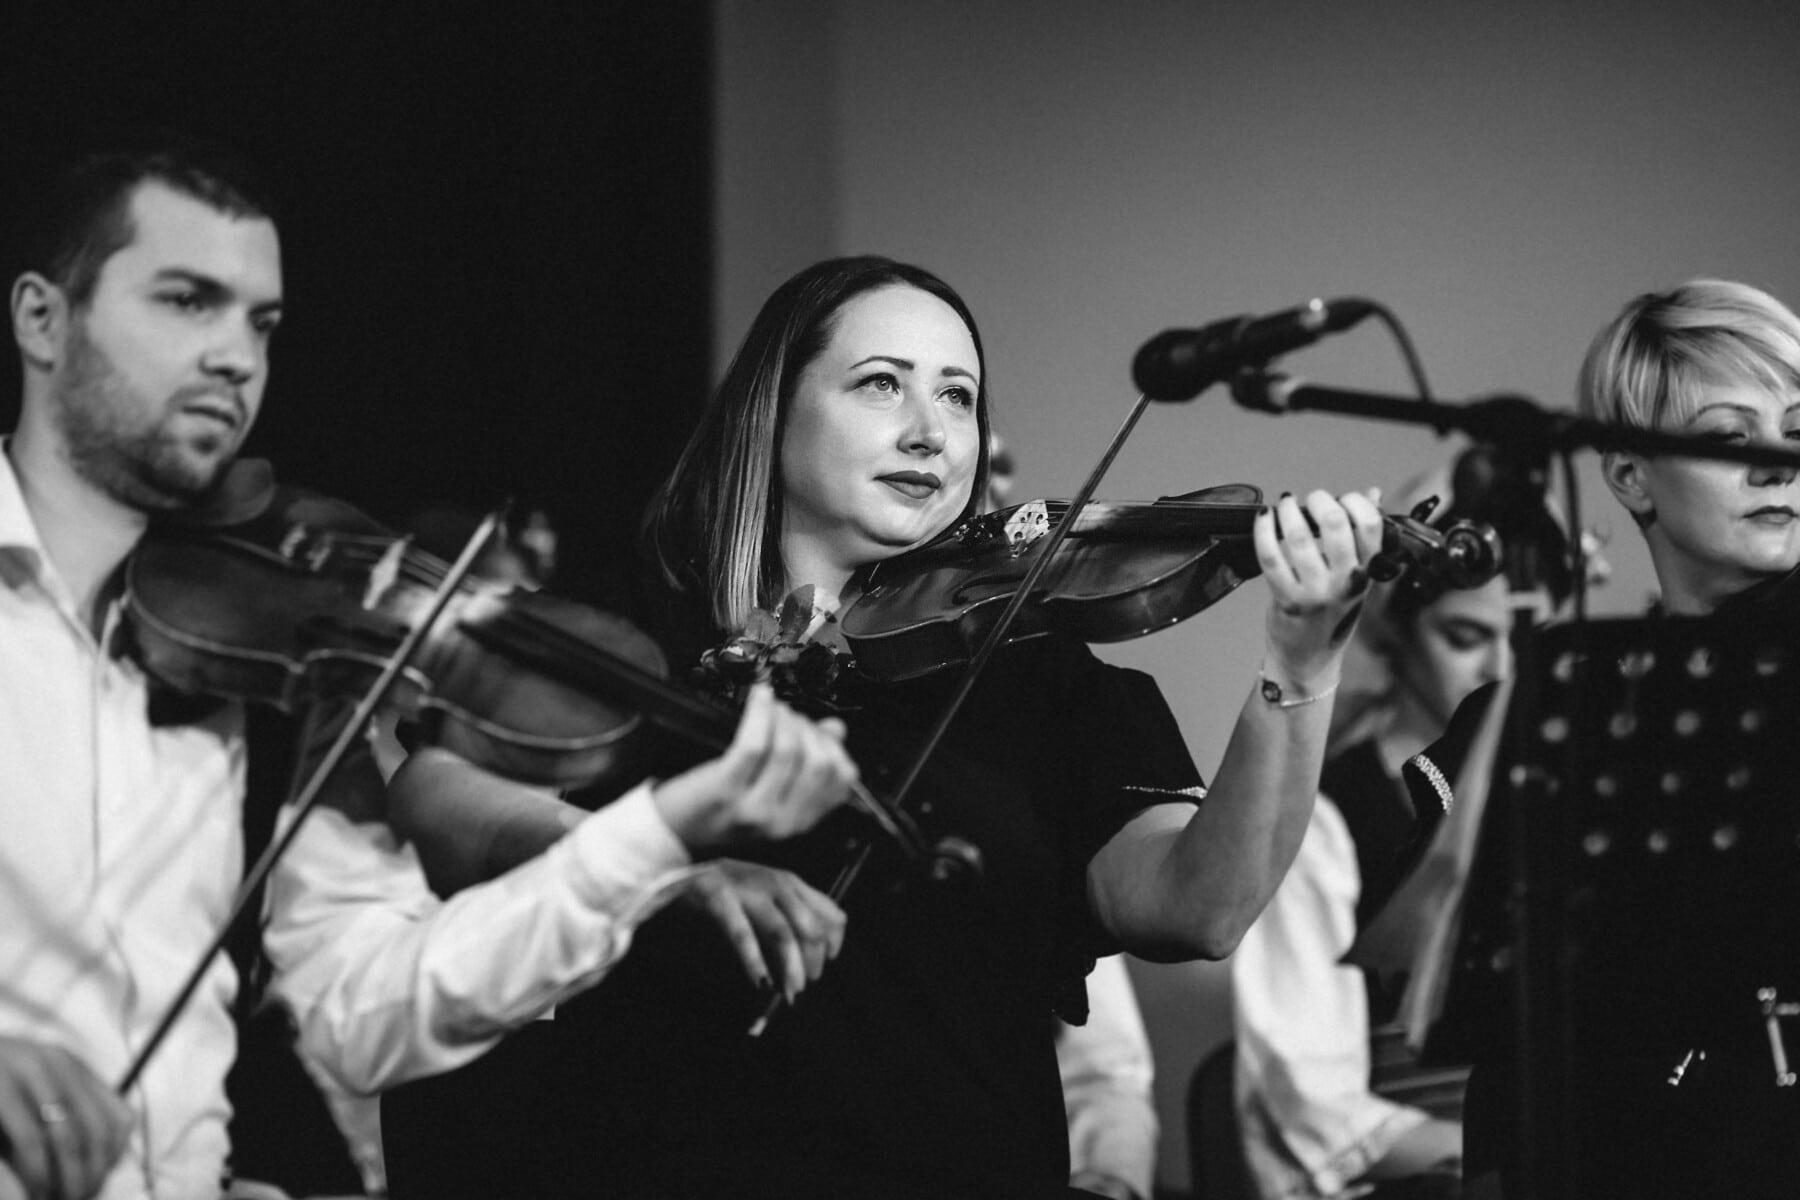 musique, concert, classique, violon, Orchestre, gens, femmes, homme, instrument, musicien